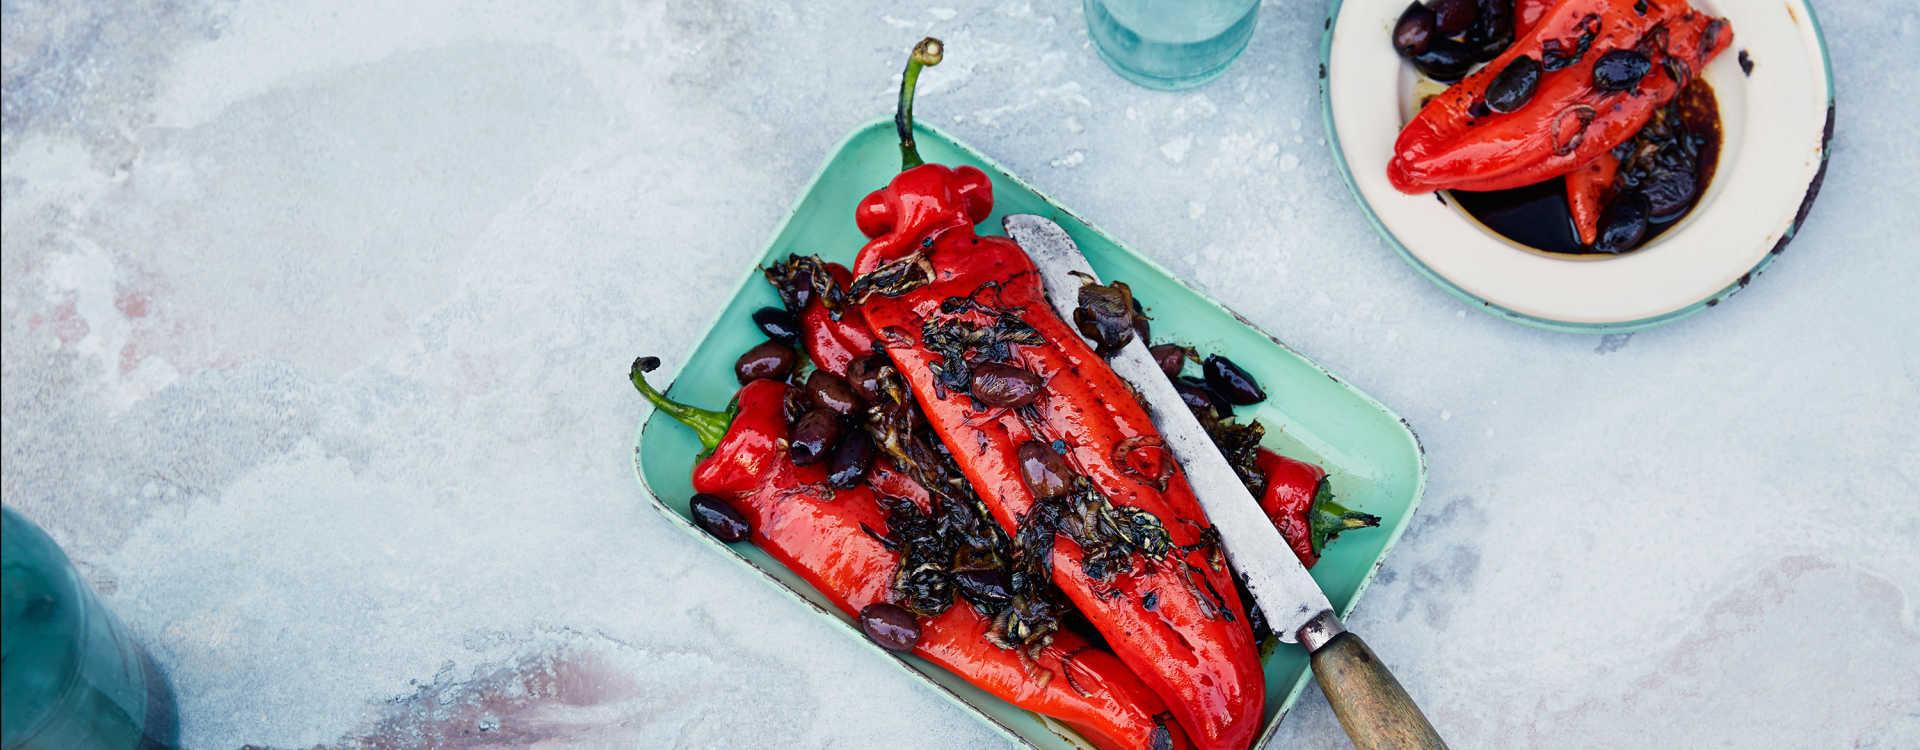 Ristet søtsur paprika med oliven og purreløk